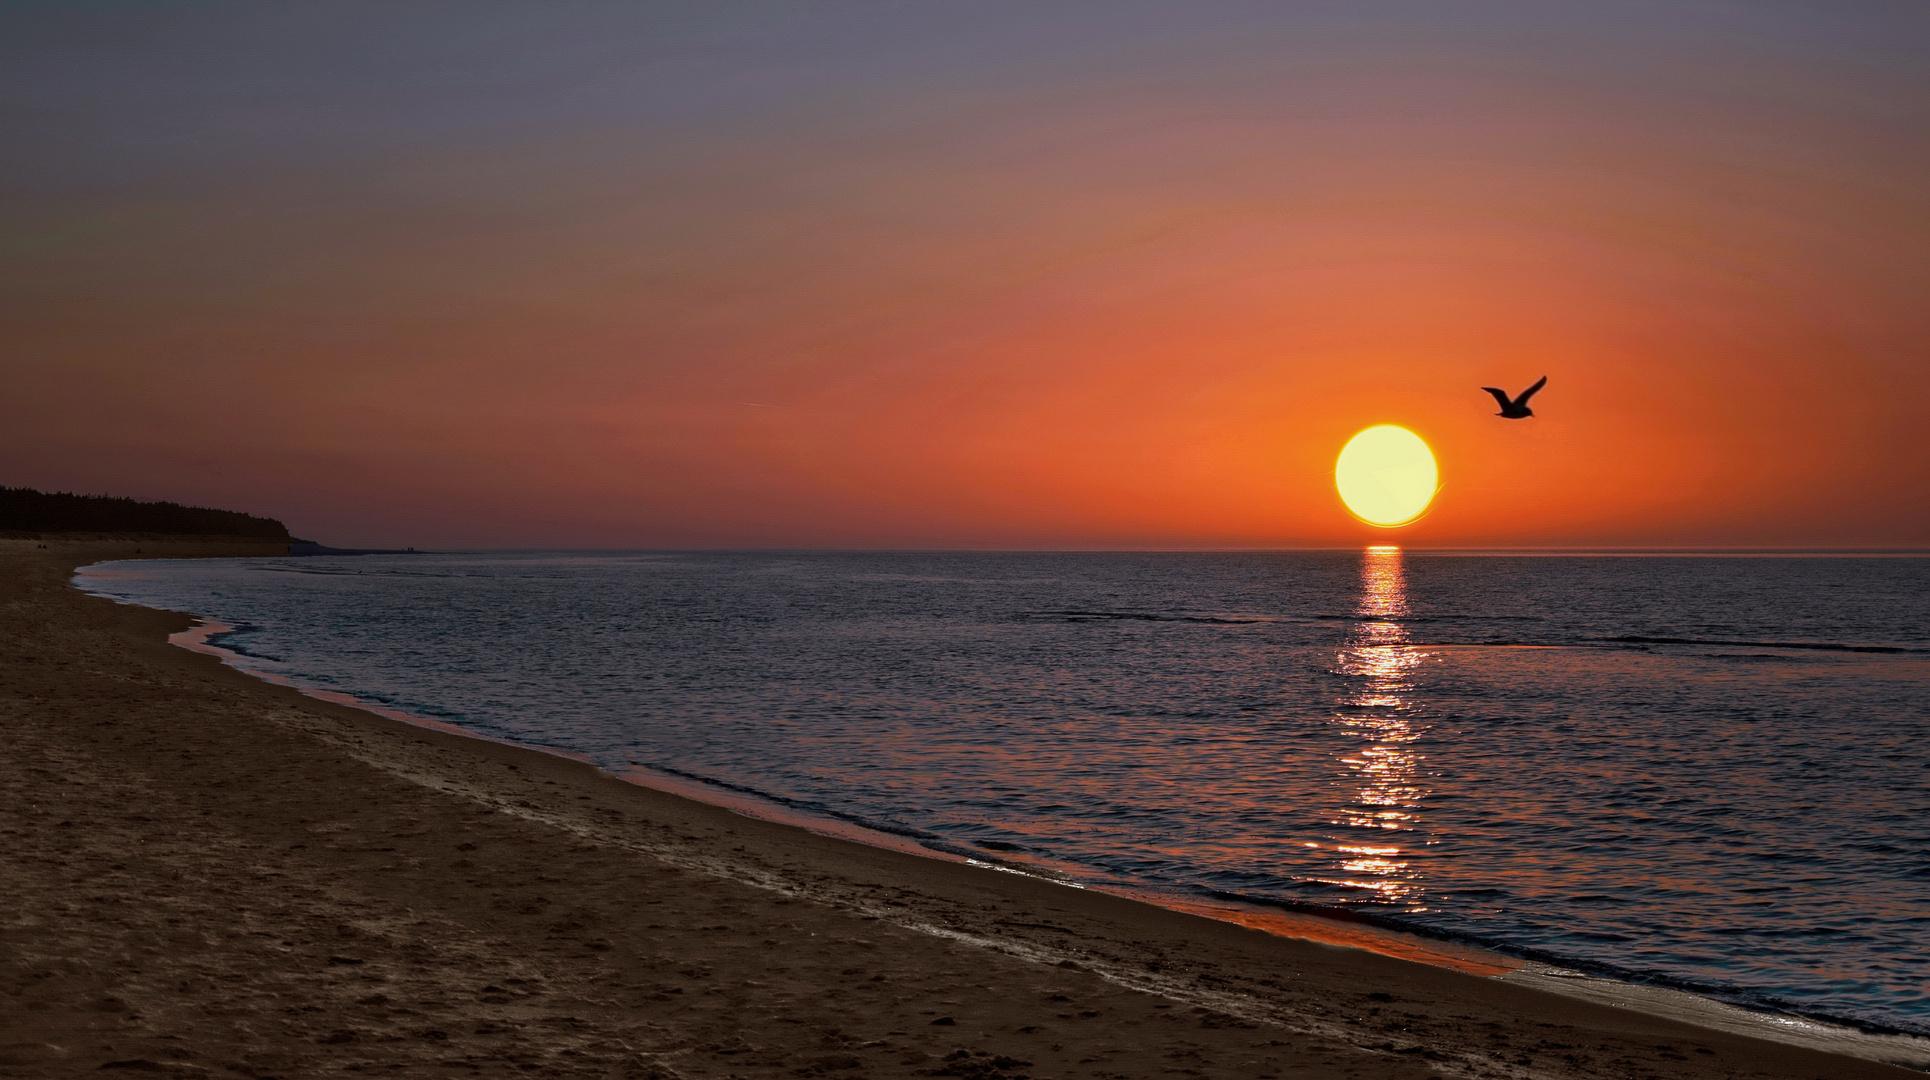 GRZYBOWO - Ein schöner Tag geht zu Ende -